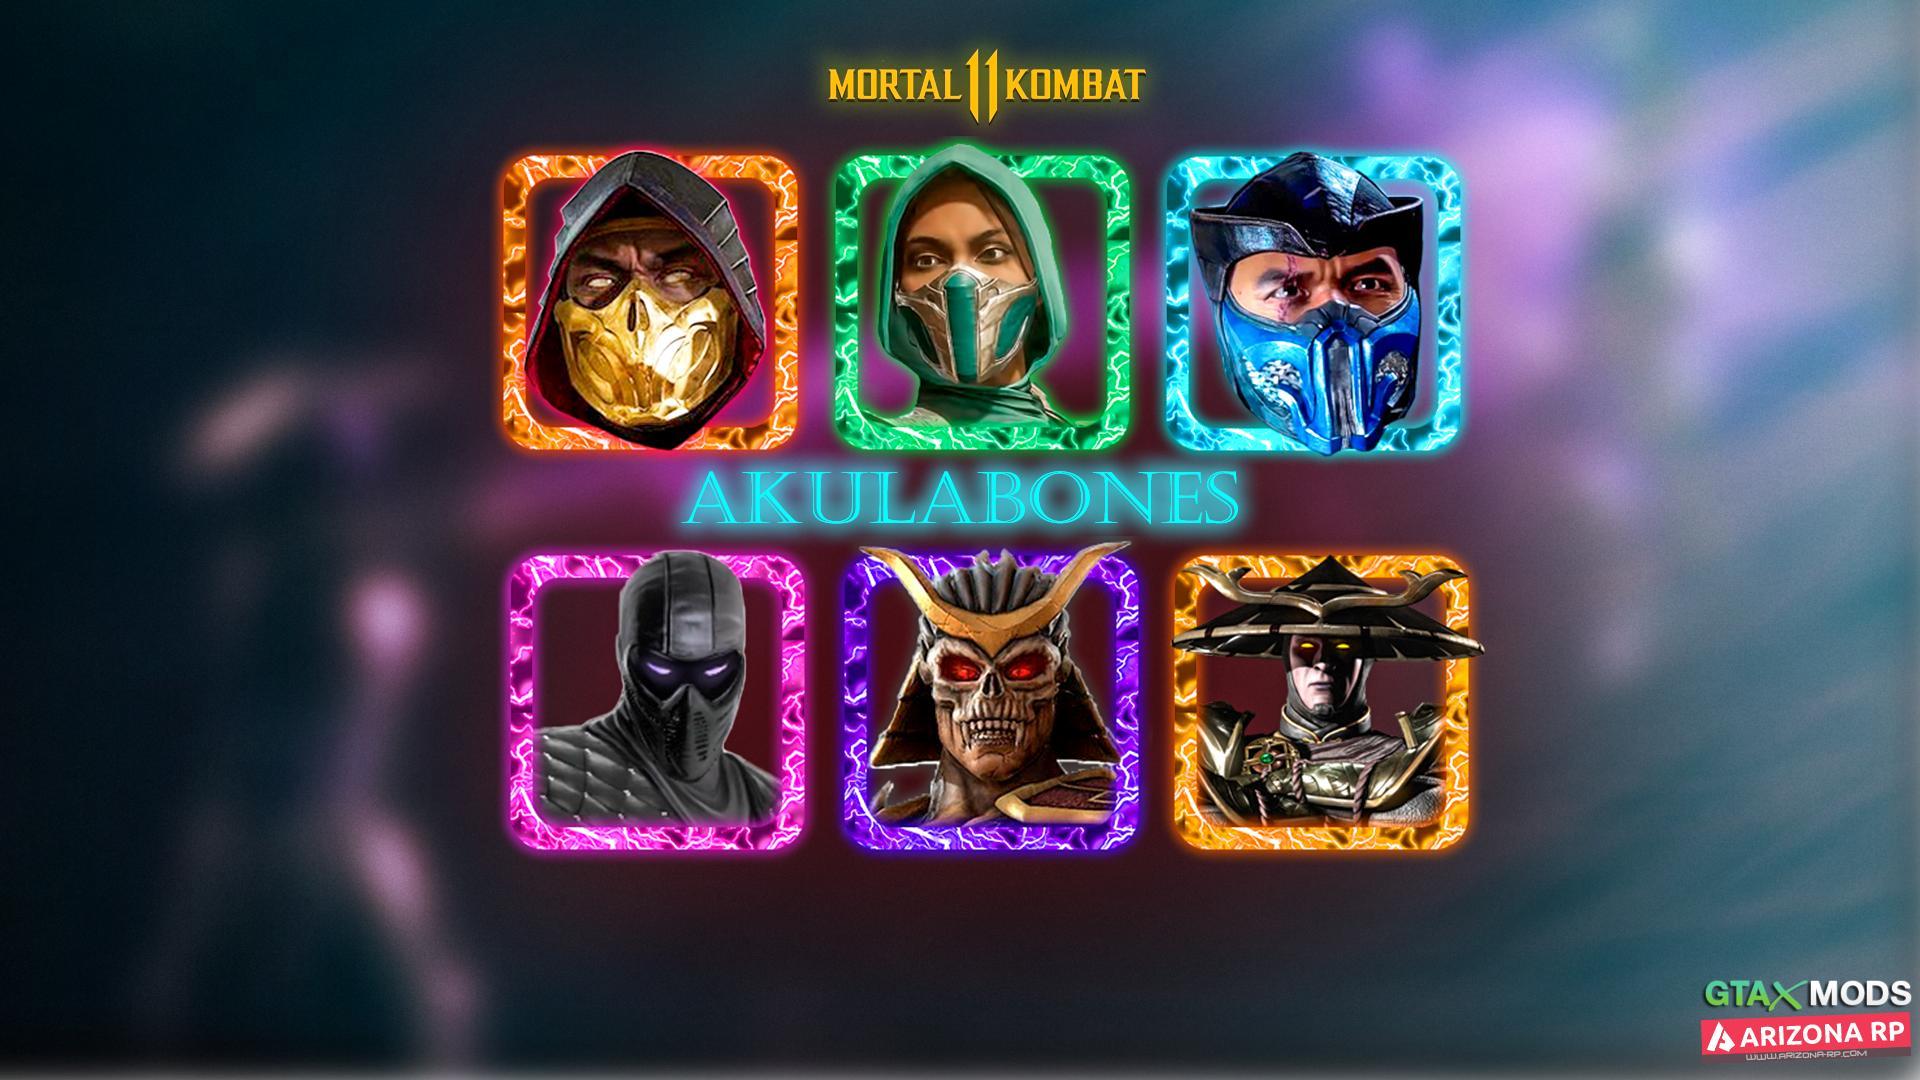 👑 фисты Mortal Kombat | by AkulaBOnes 👑